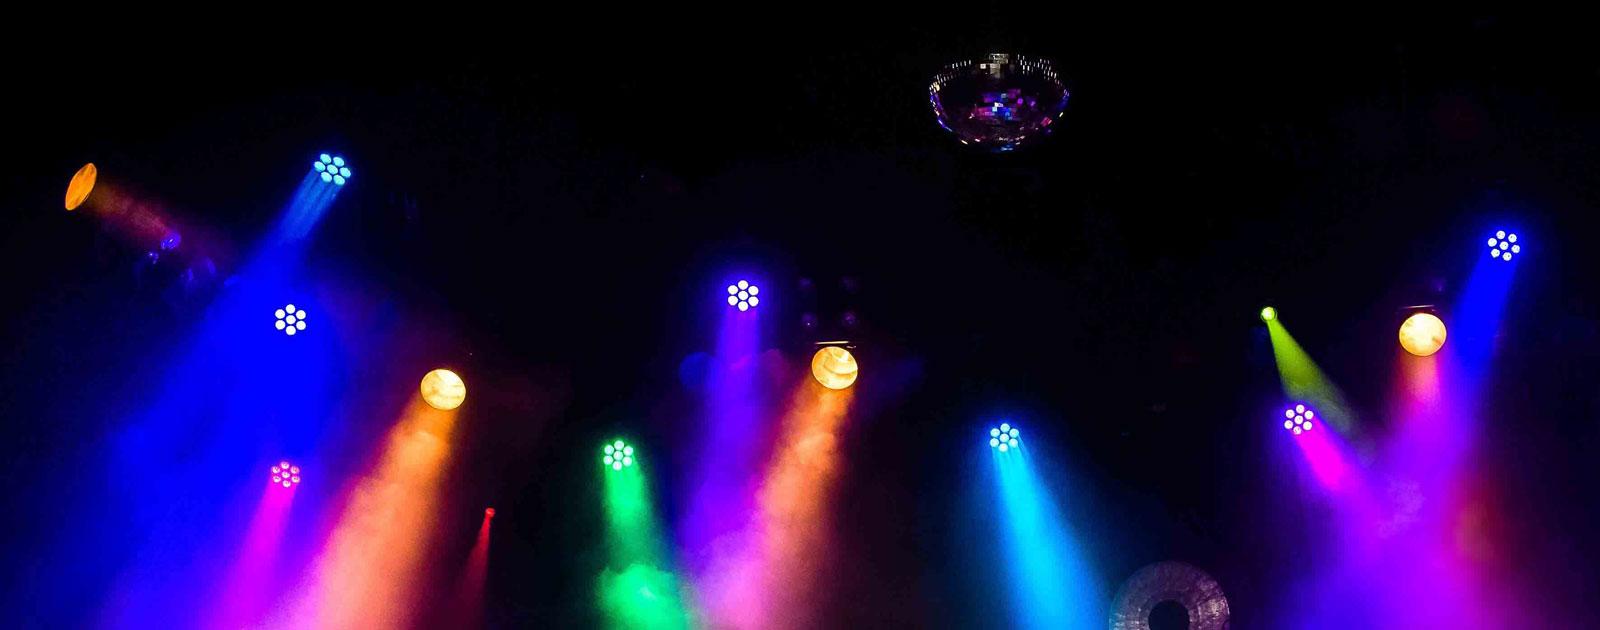 Farbige Scheinwerfer bei einem Konzert